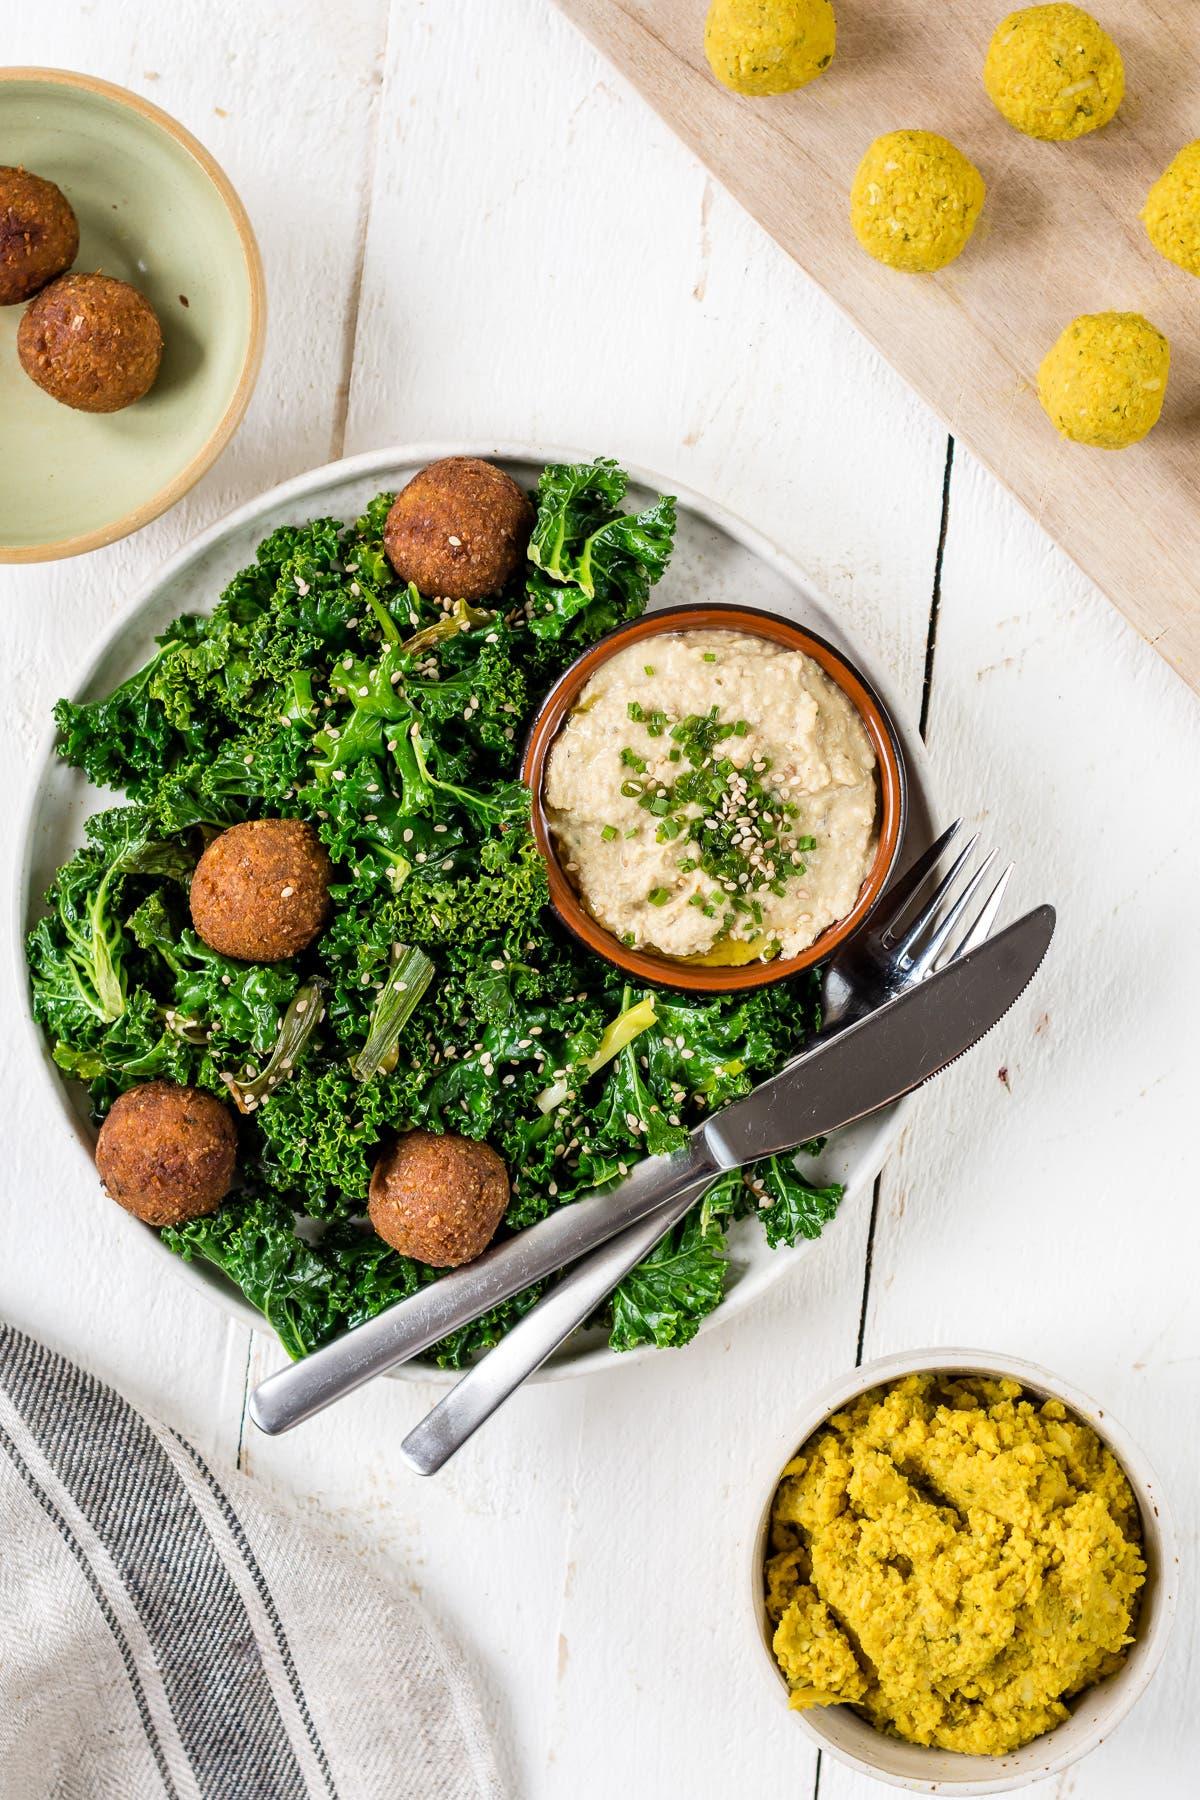 Topshot Curry-Falafeln mit gebratenem Grünkohl und Hummus, daneben Falafel Bällchen vor dem Backen